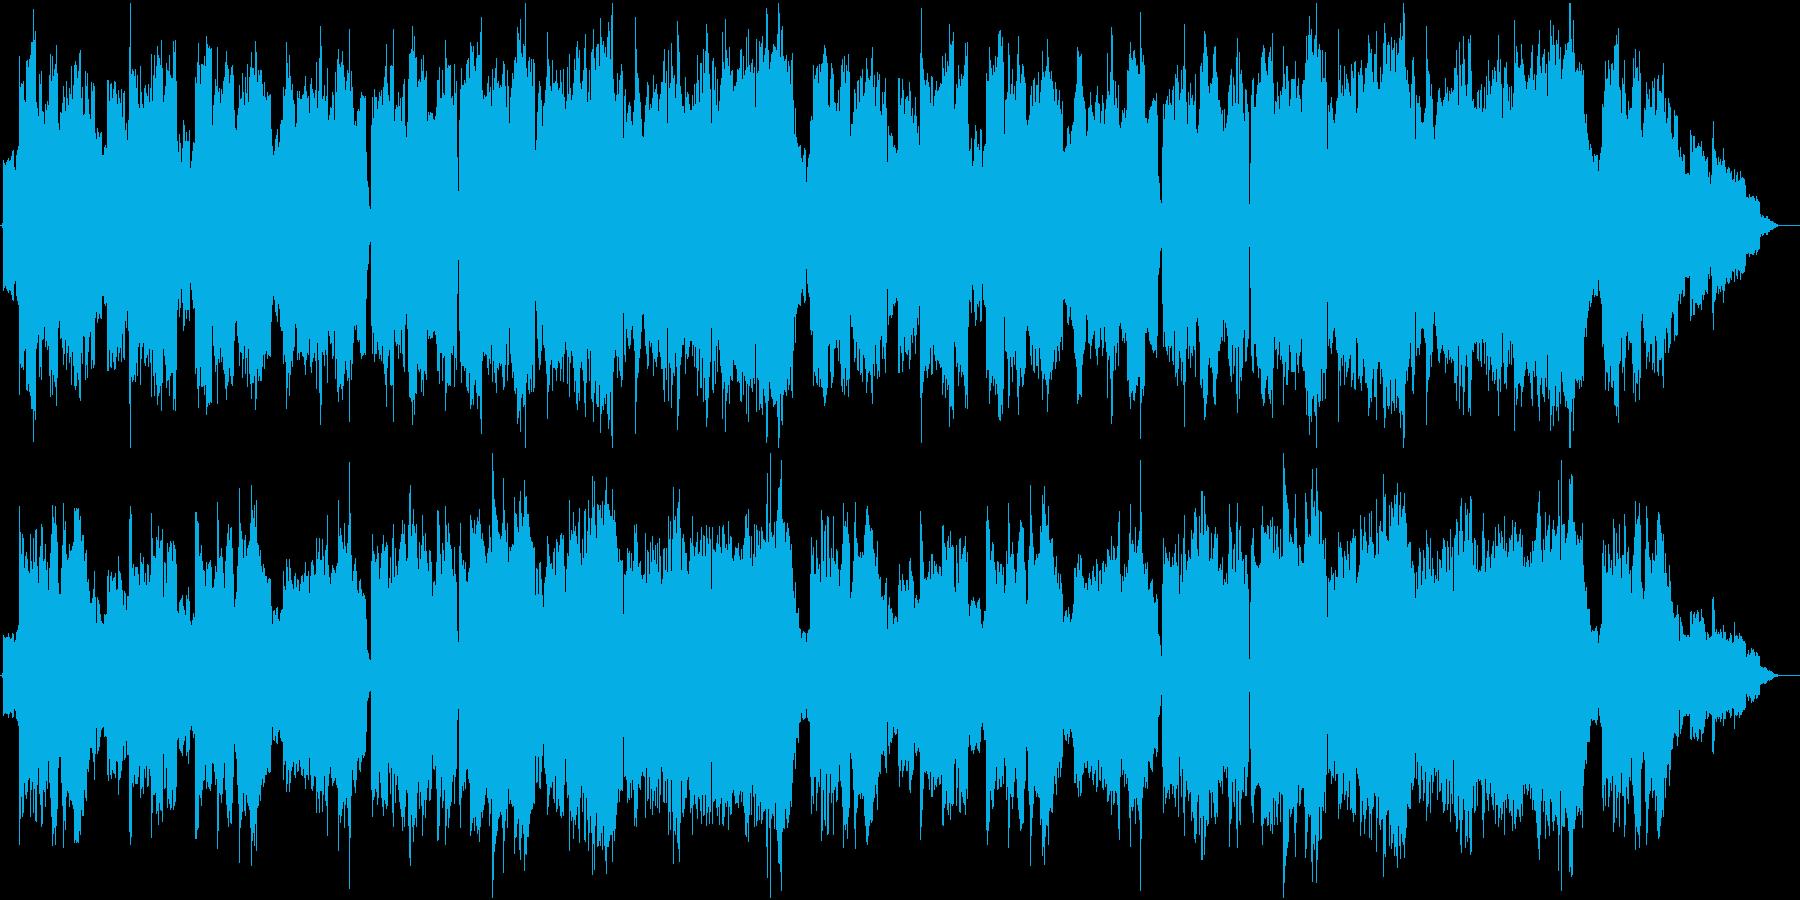 木管とストリングス主体の優しい曲の再生済みの波形